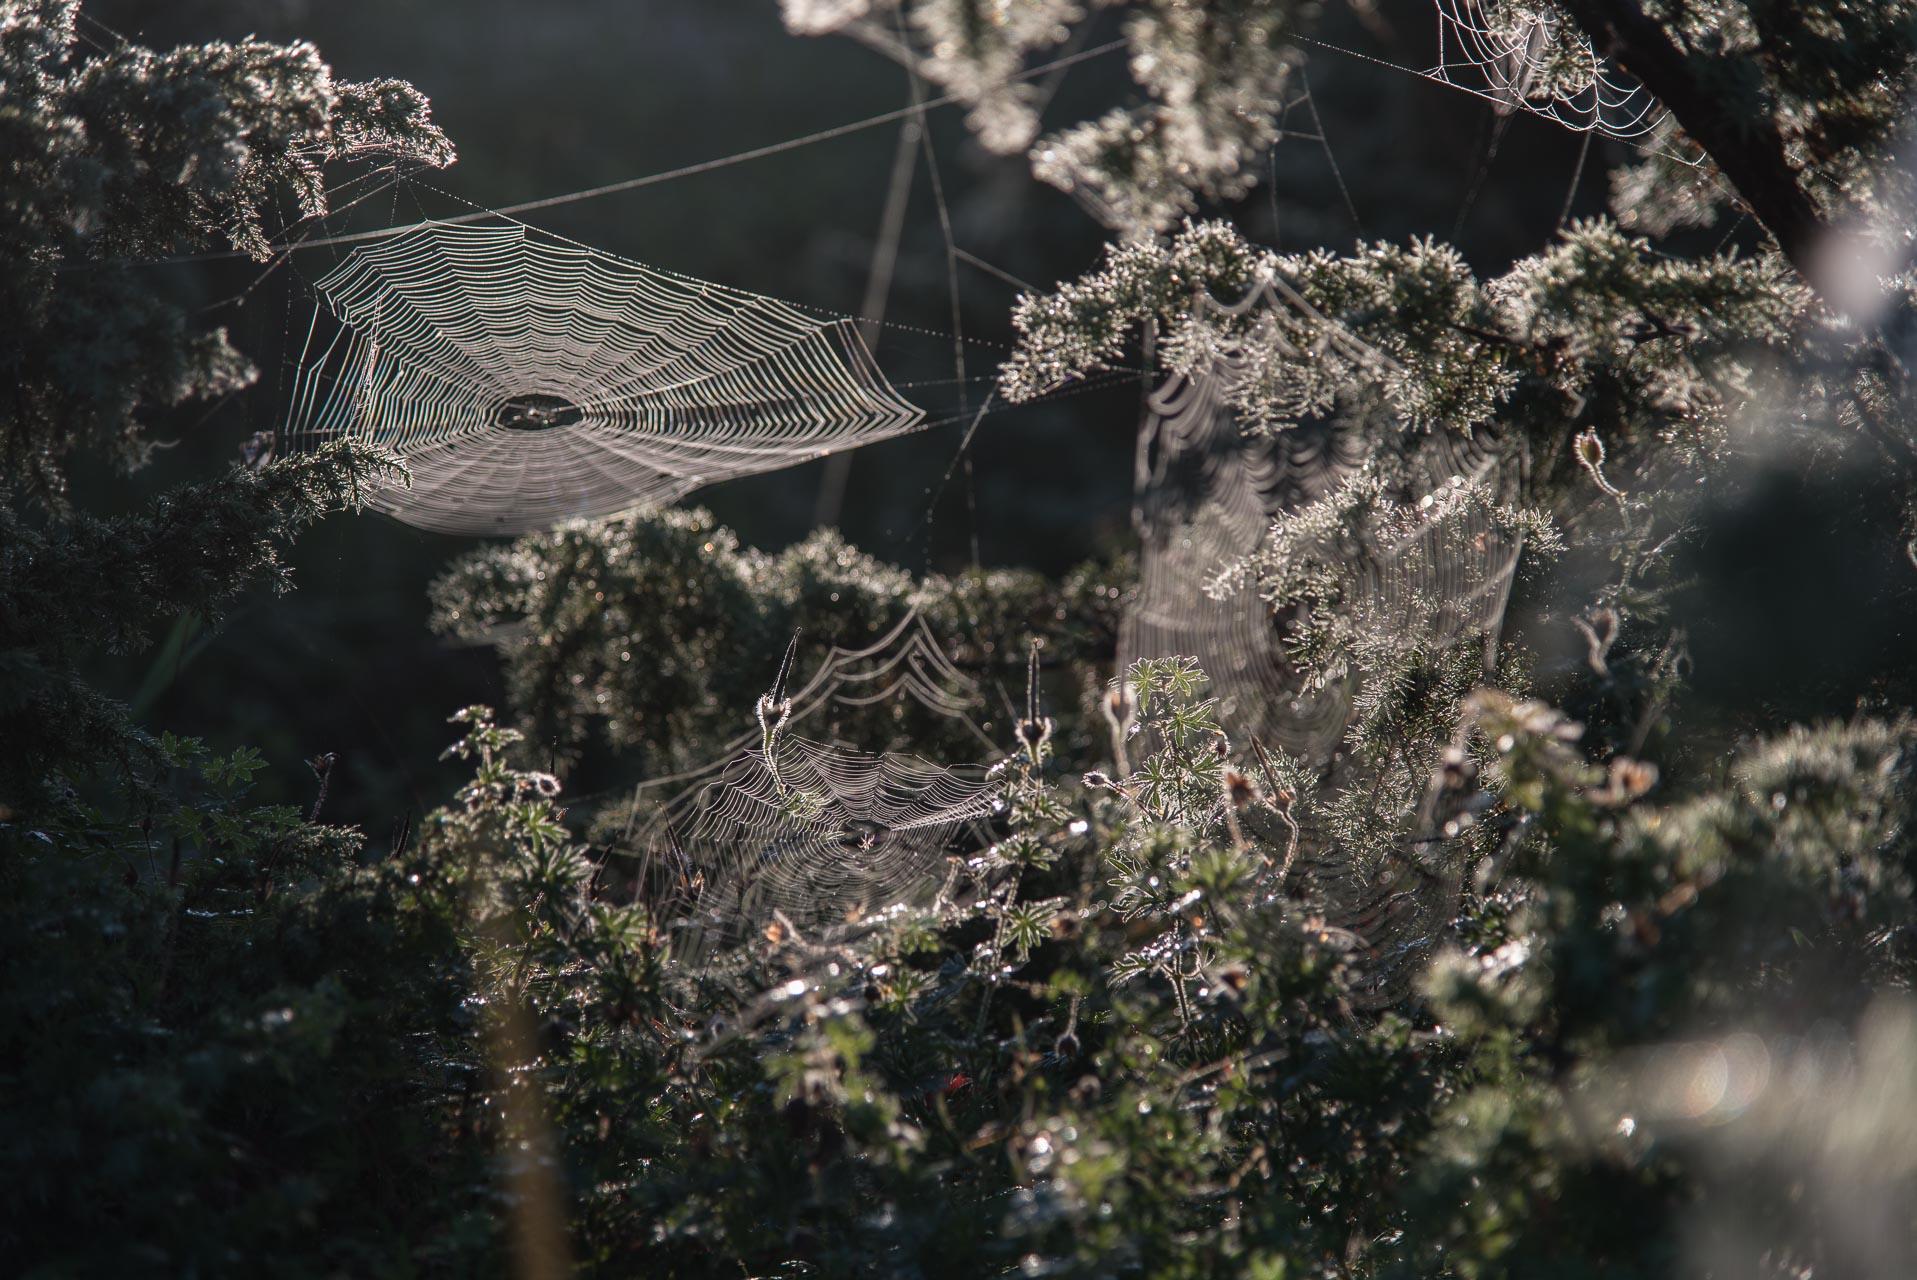 Muinasjutuhõnguline saarehommik. Foto: Ülo Veldre